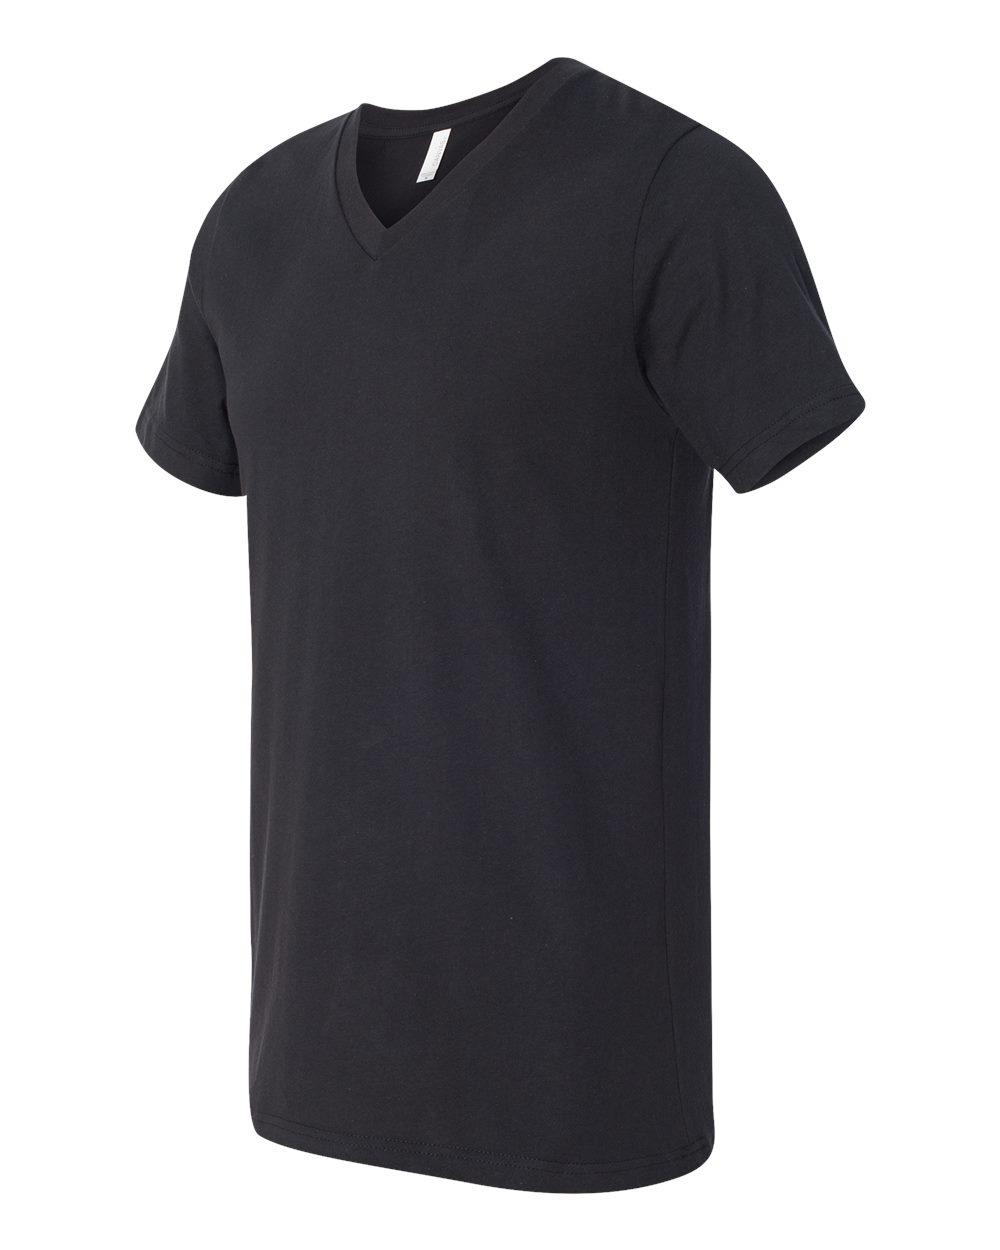 Bella-Canvas-Men-039-s-Jersey-Short-Sleeve-V-Neck-T-Shirt-3005-XS-3XL thumbnail 103